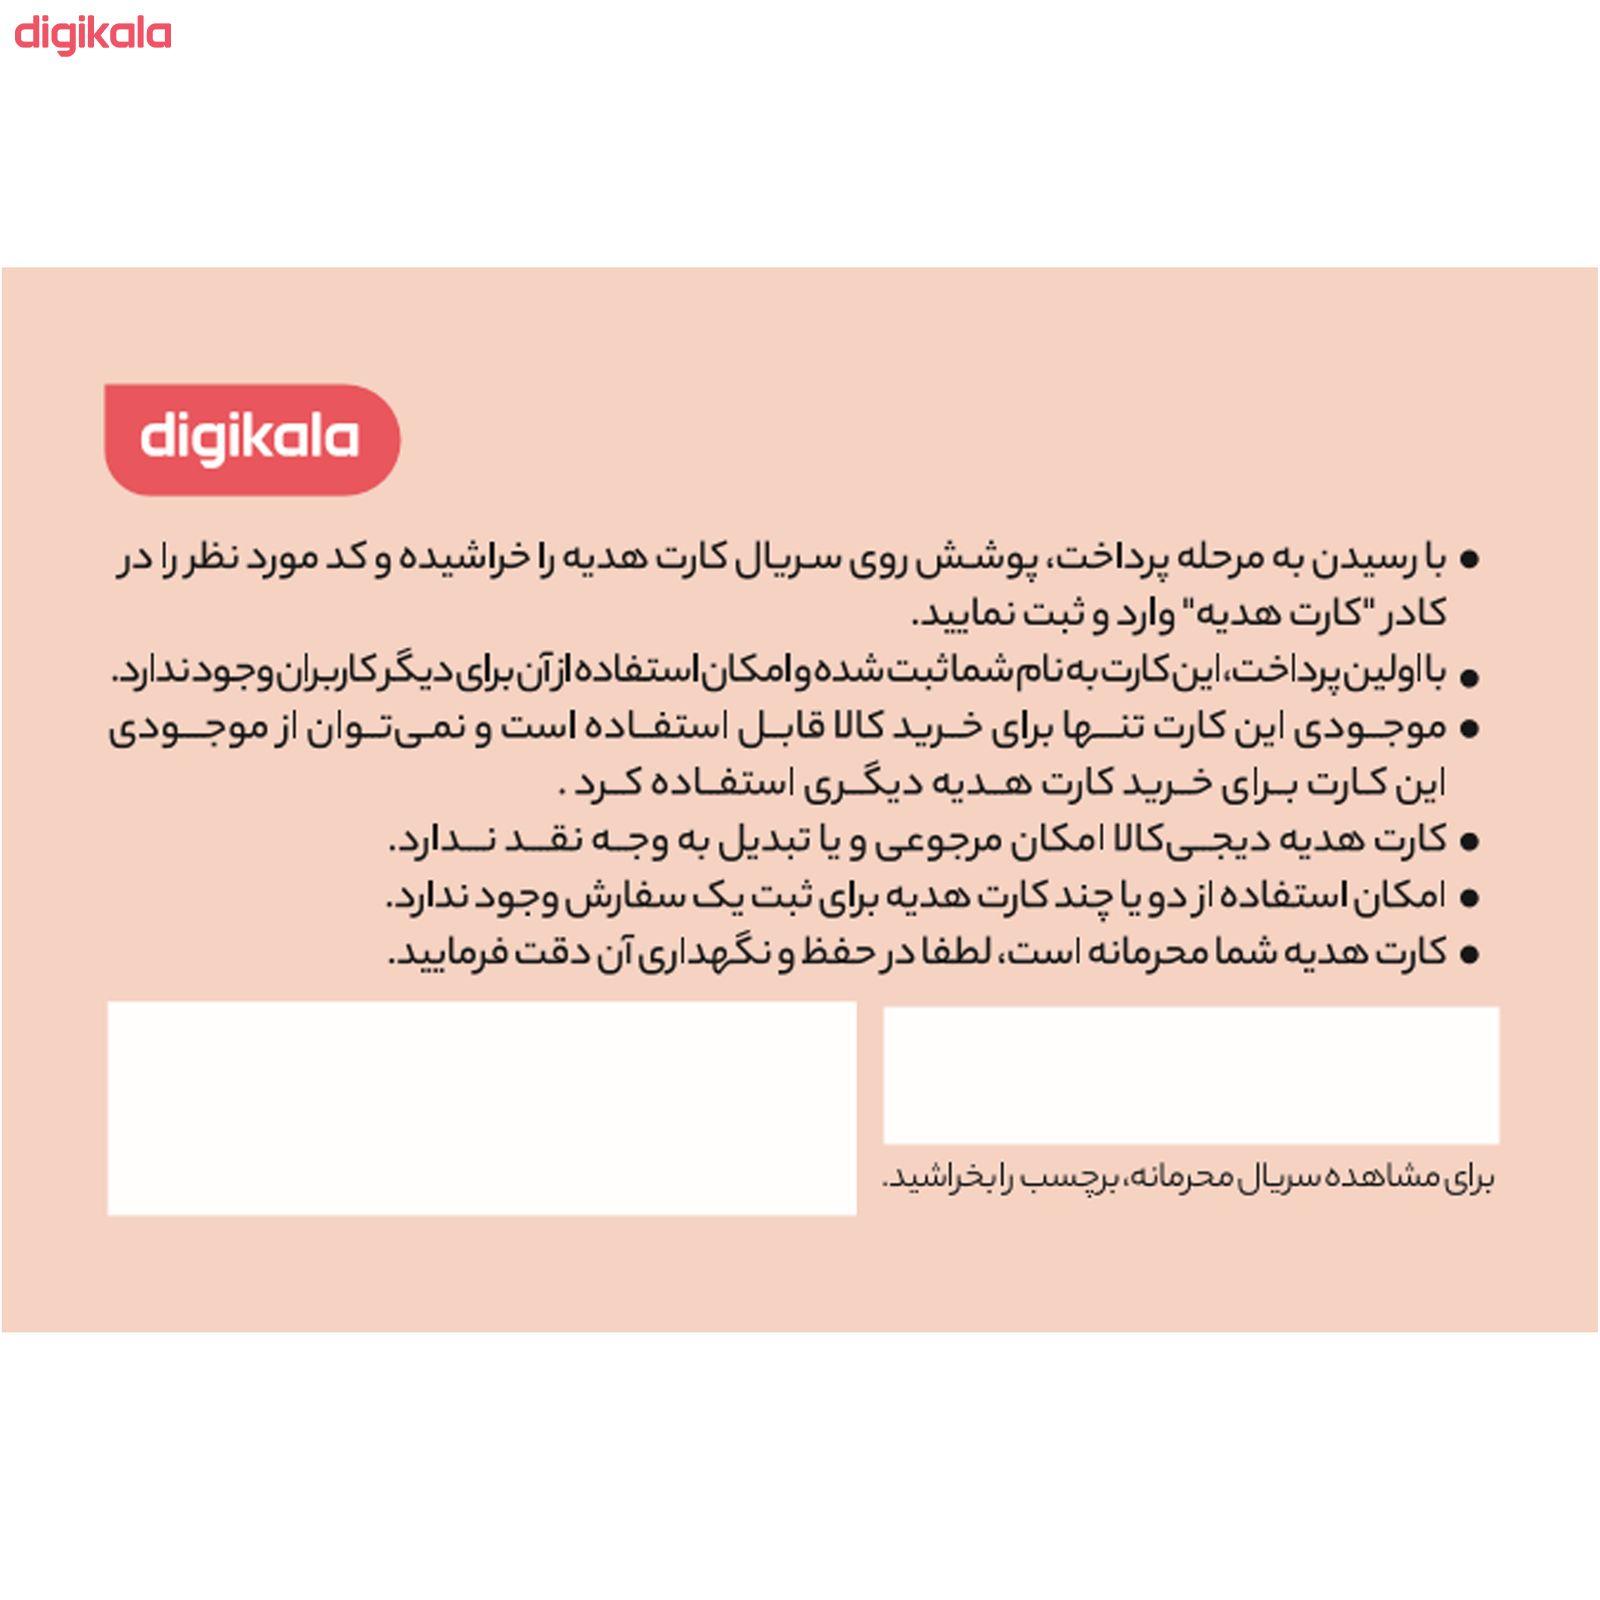 کارت هدیه دیجی کالا به ارزش 300,000 تومان طرح روز زن main 1 2